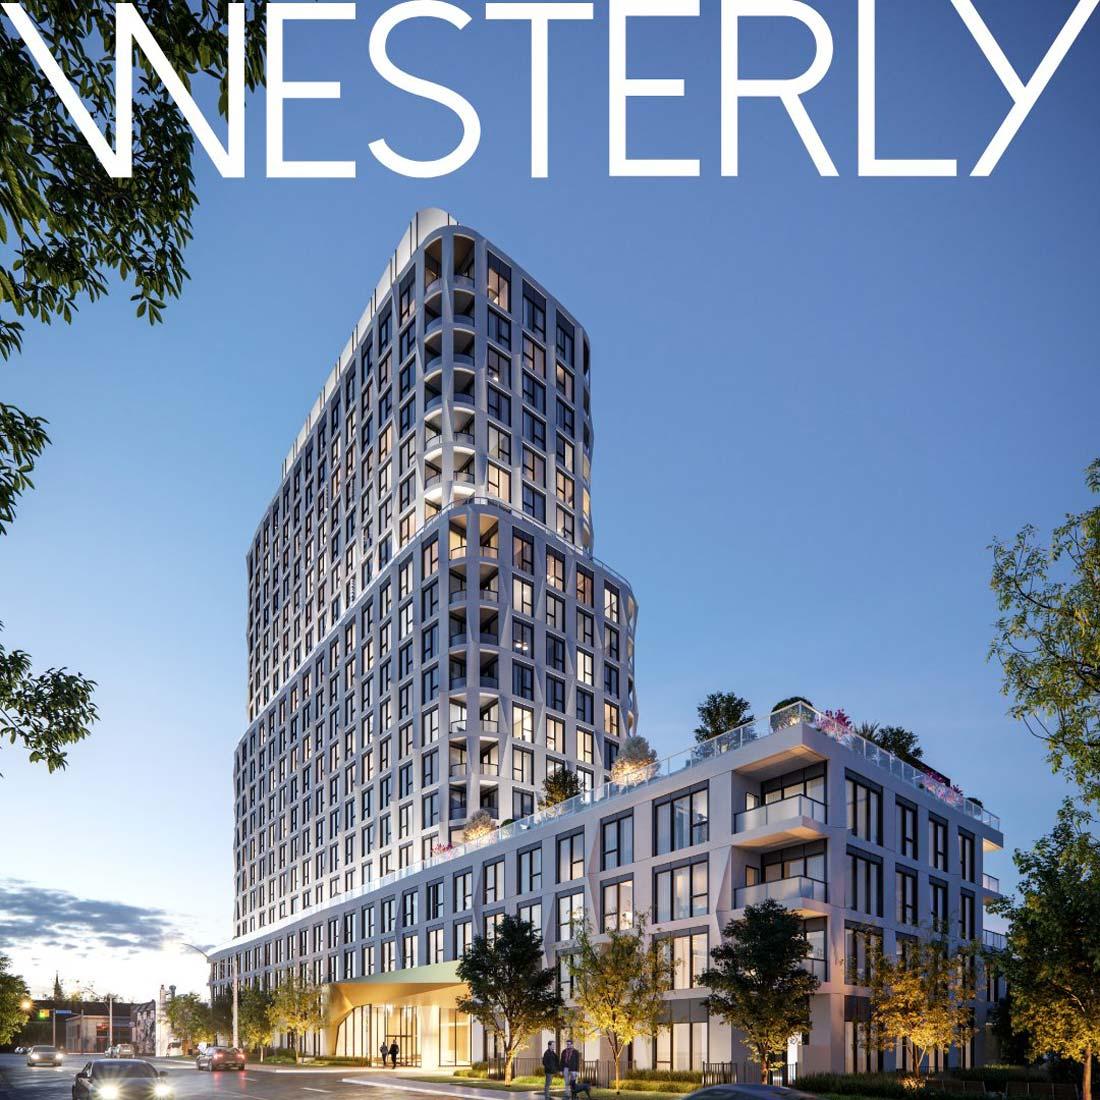 westerly-condos